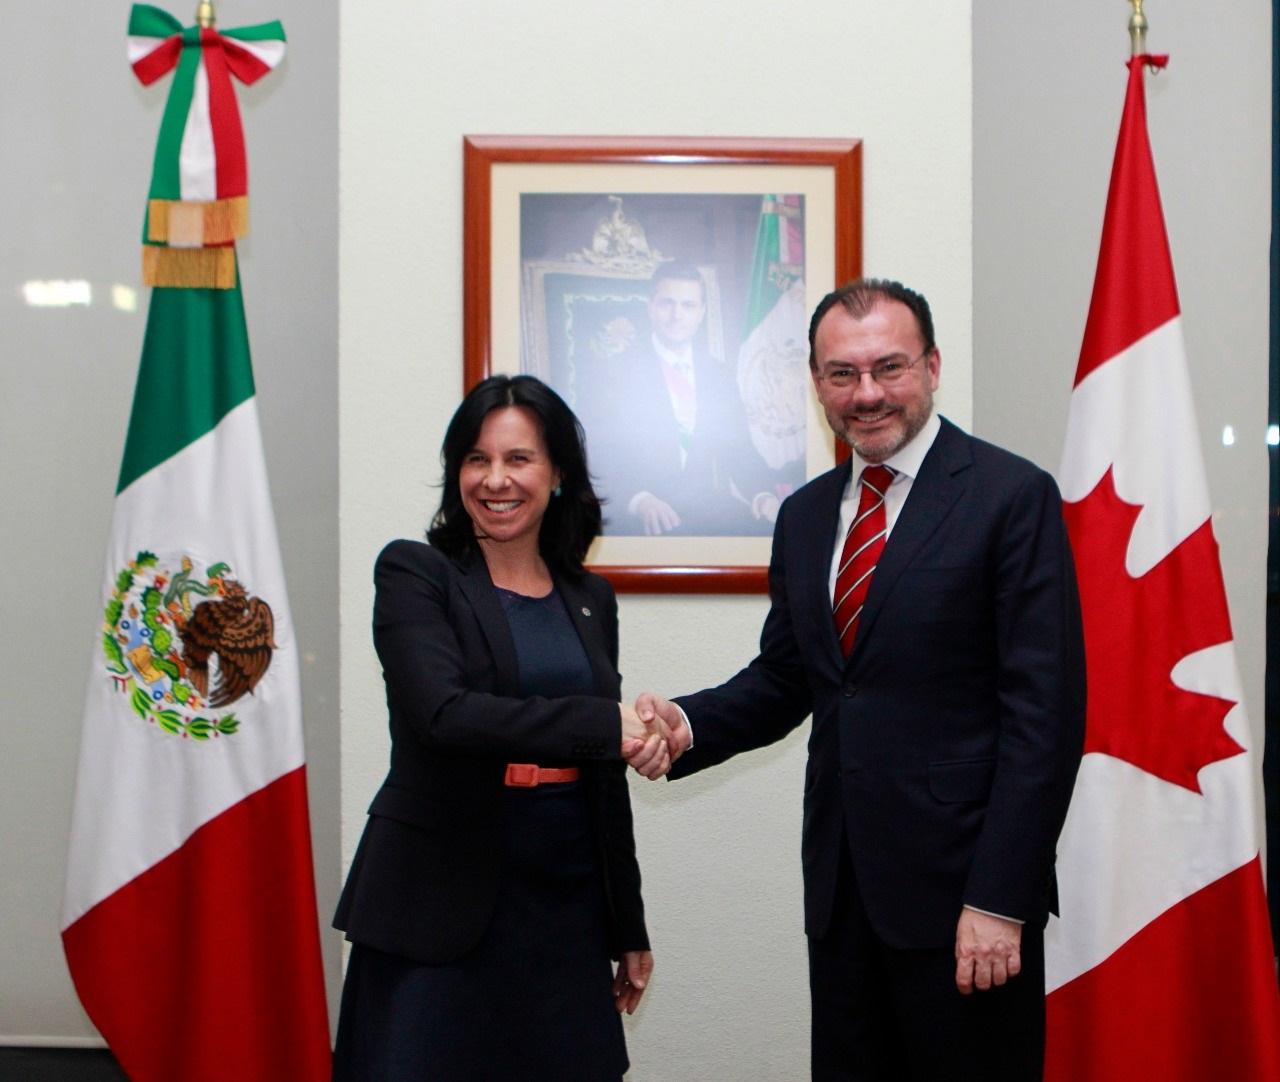 El Canciller Luis Videgaray sostuvo una reunión con la Alcaldesa de Montreal, Valérie Plante